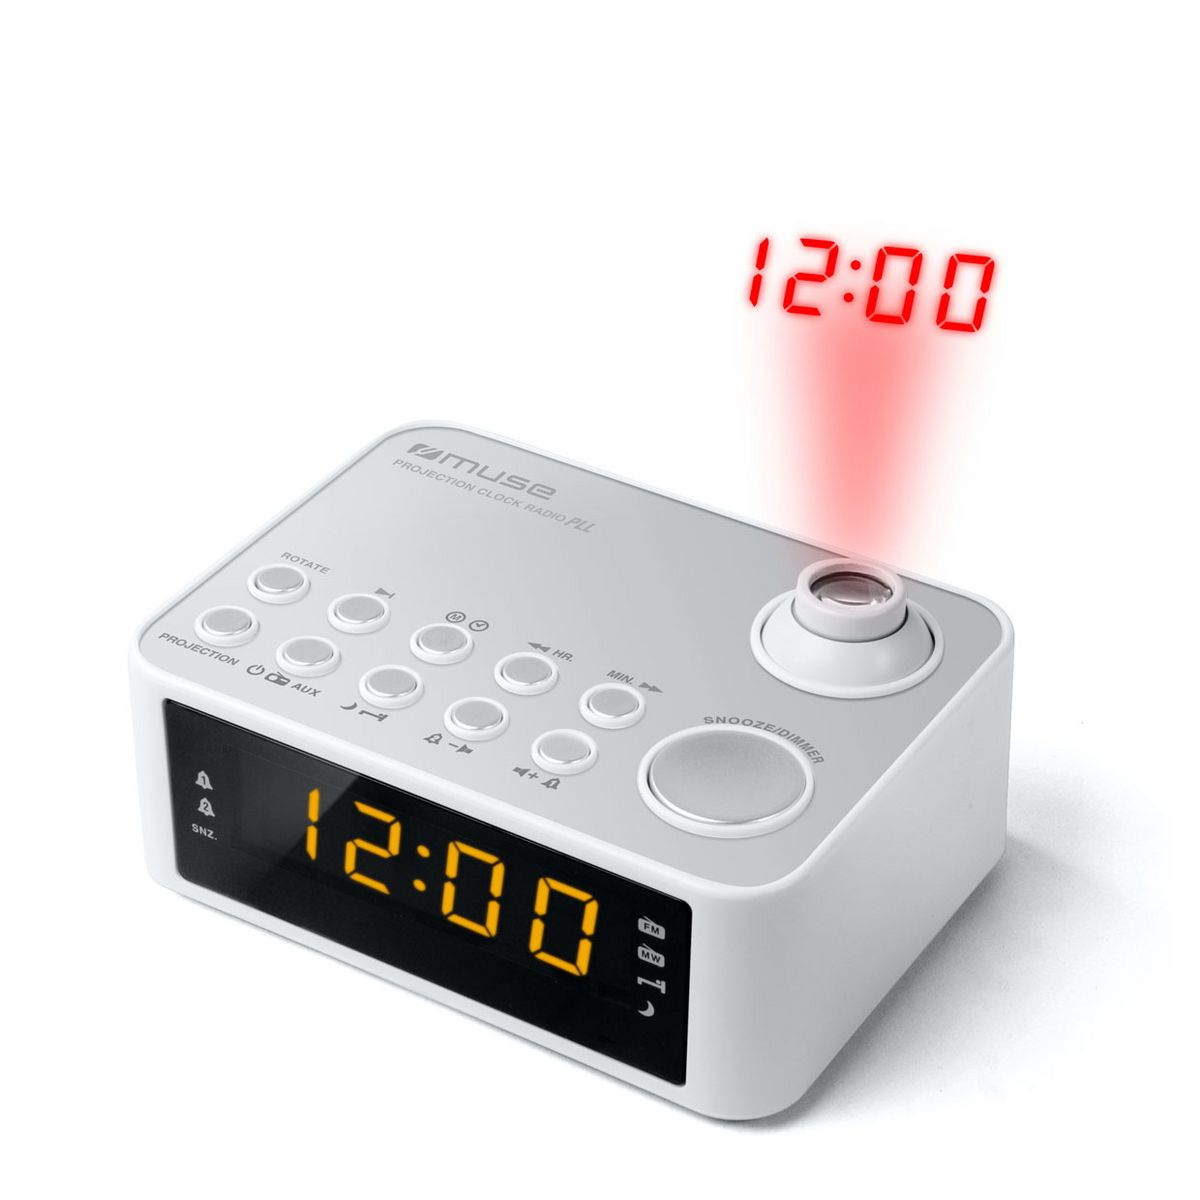 Radio-réveil avec projection de l'heure - Blanc - M-178 PW